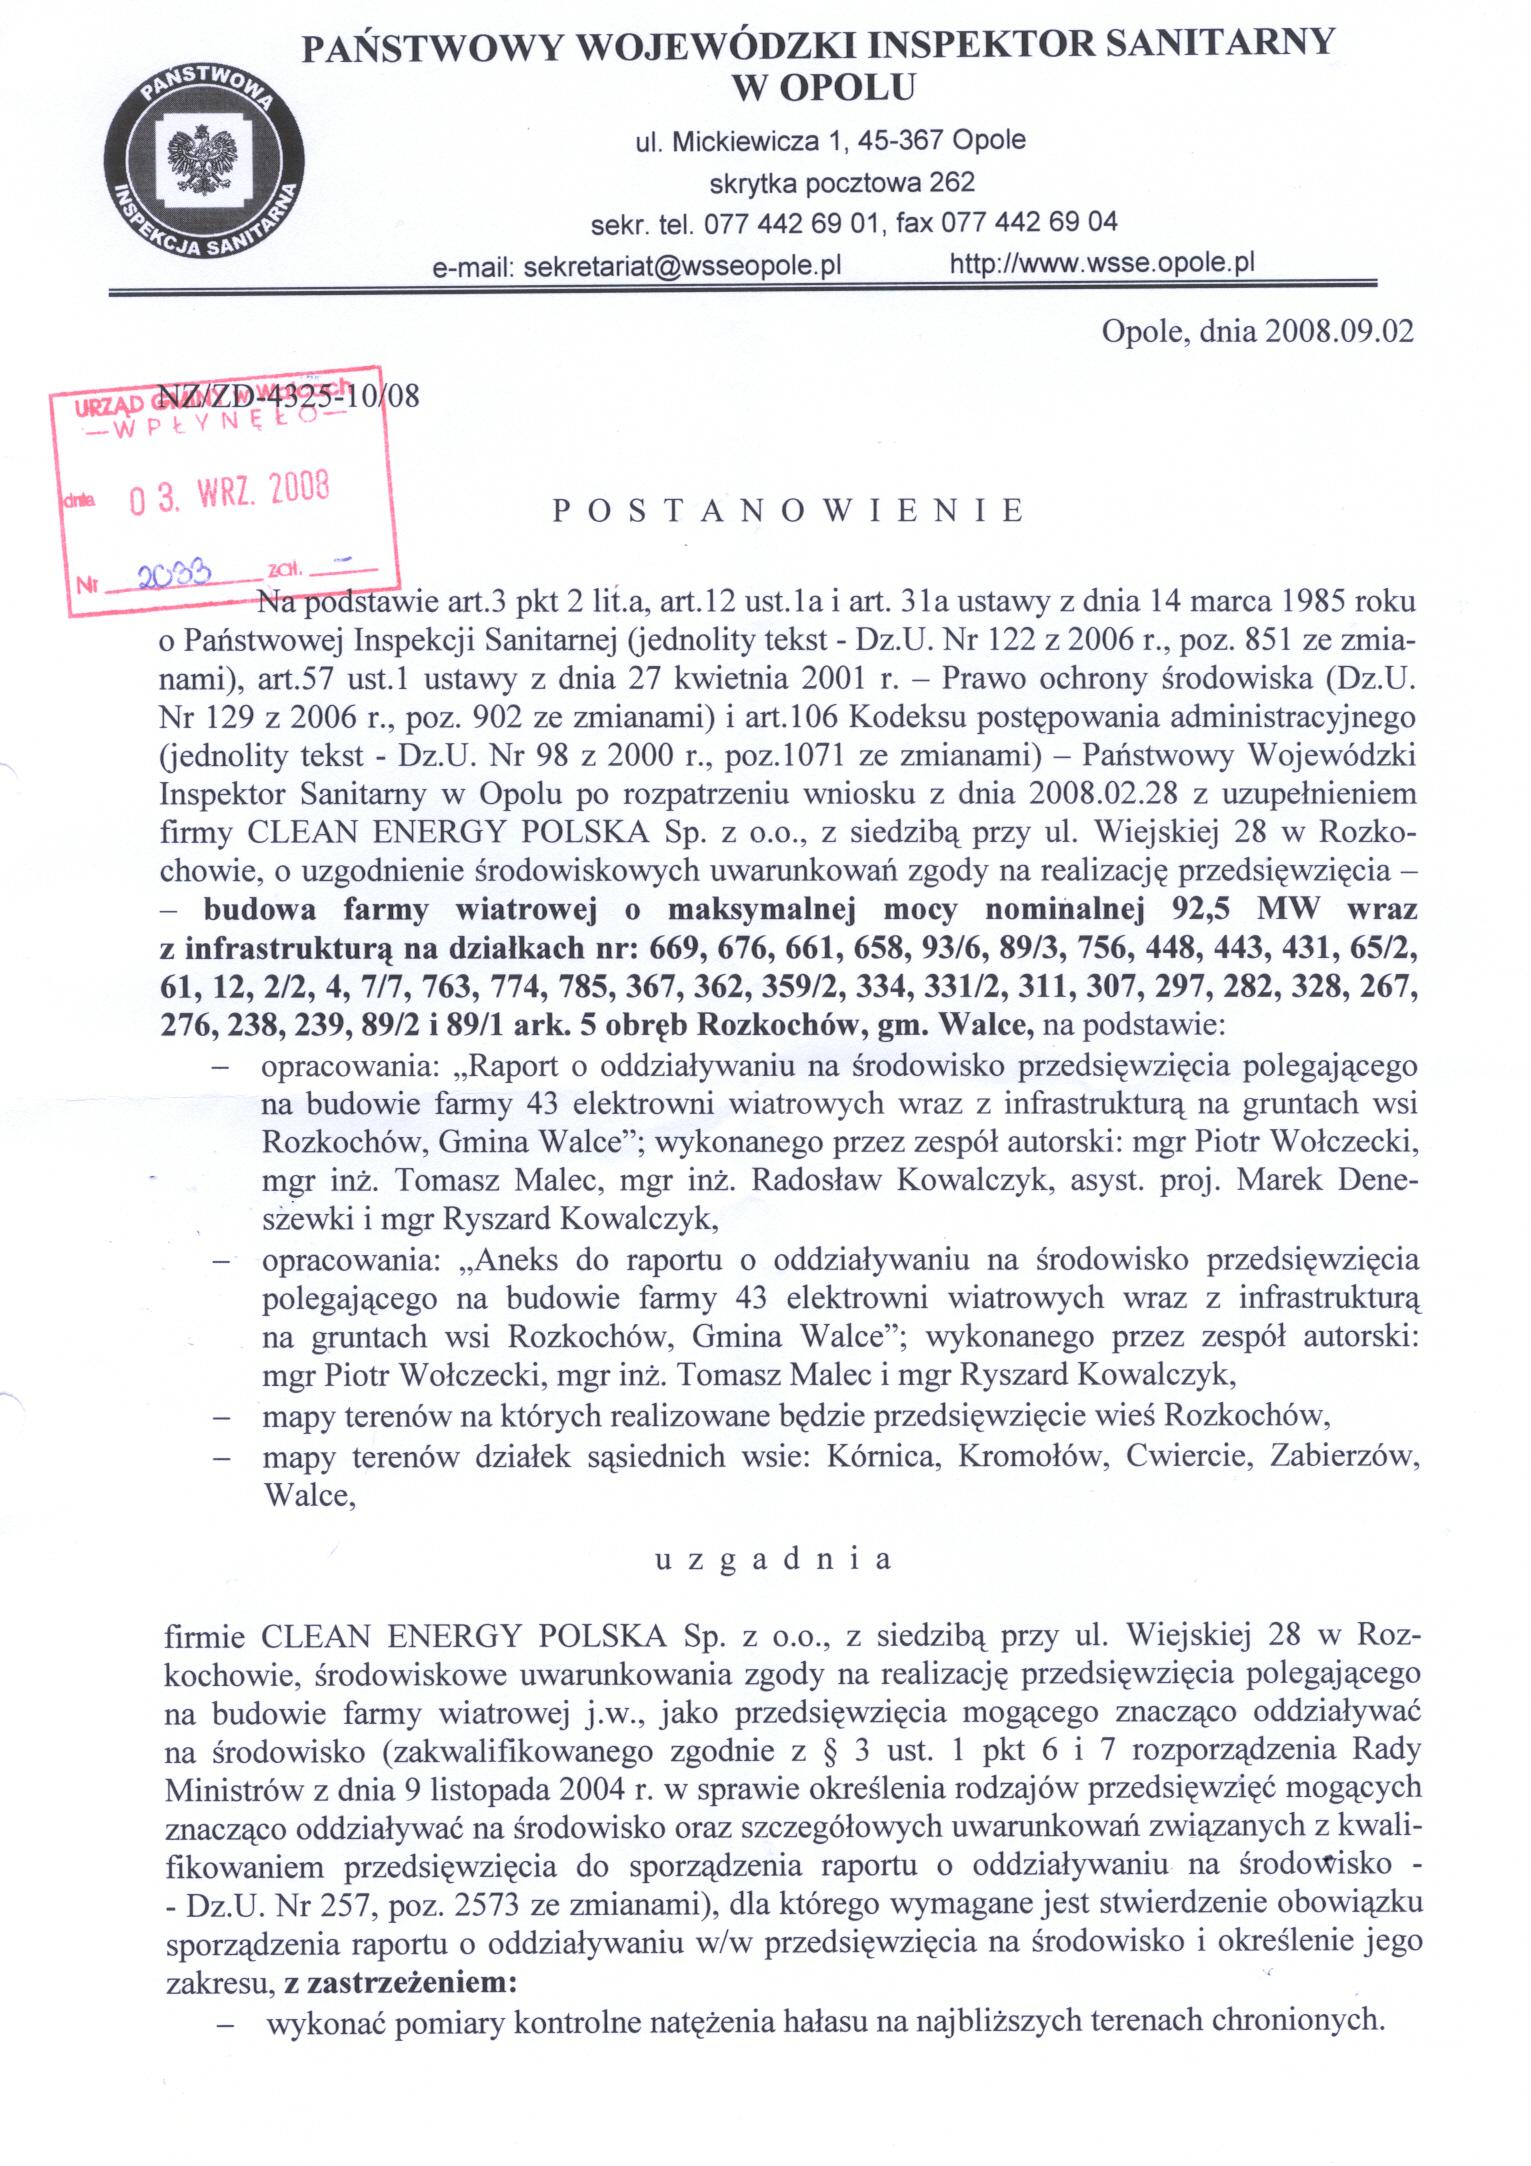 p7.jpeg